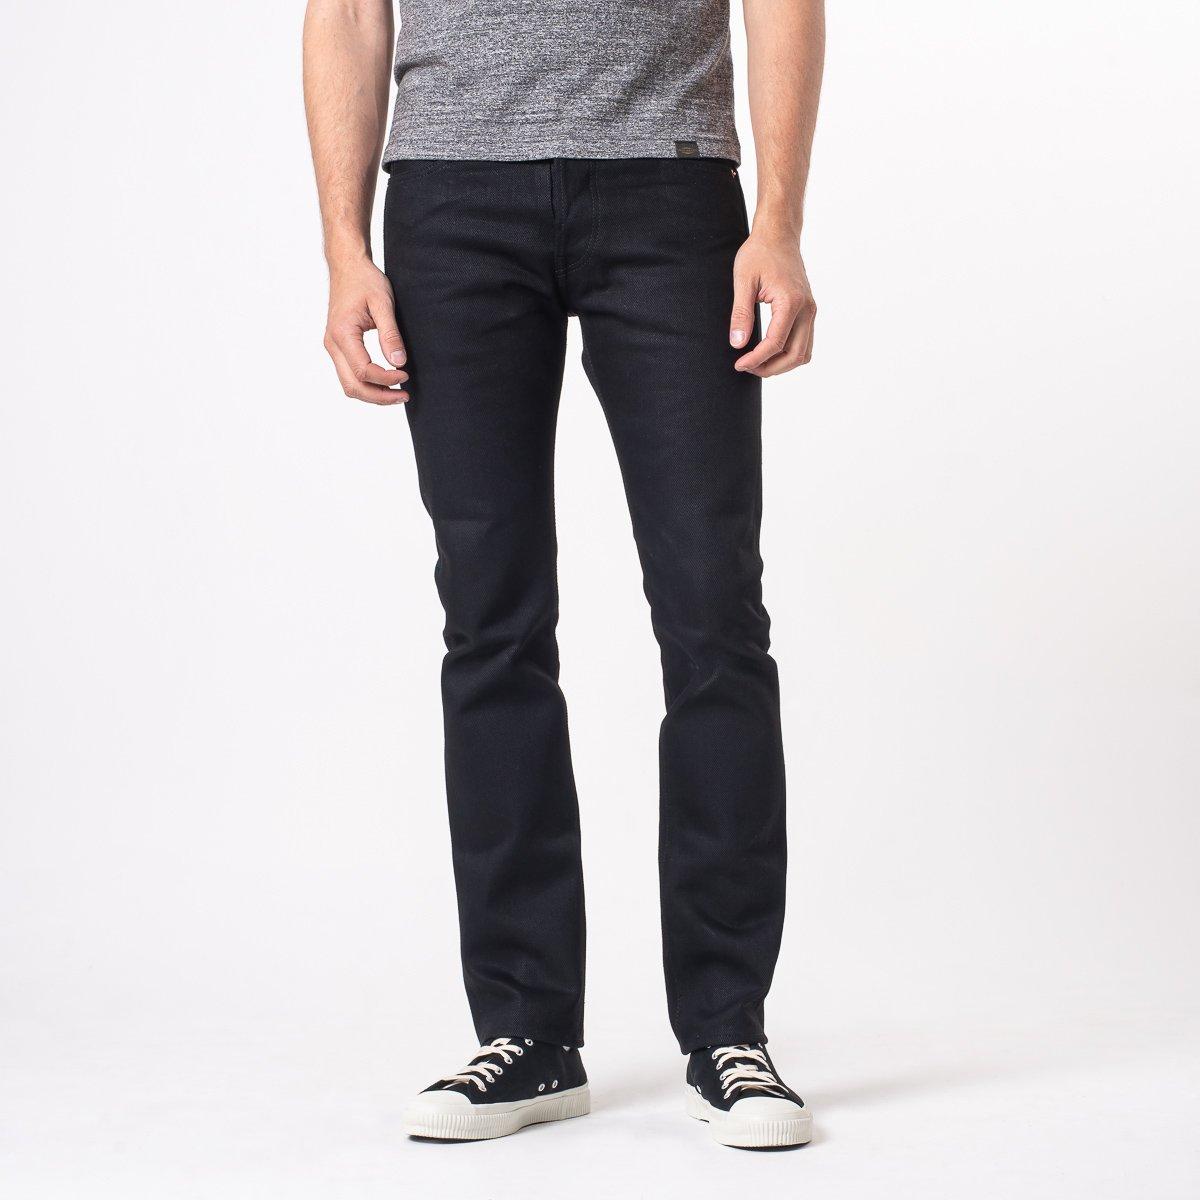 Iron Heart IH555-03 21oz Selvedge Denim Super Slim Jeans – Superblack